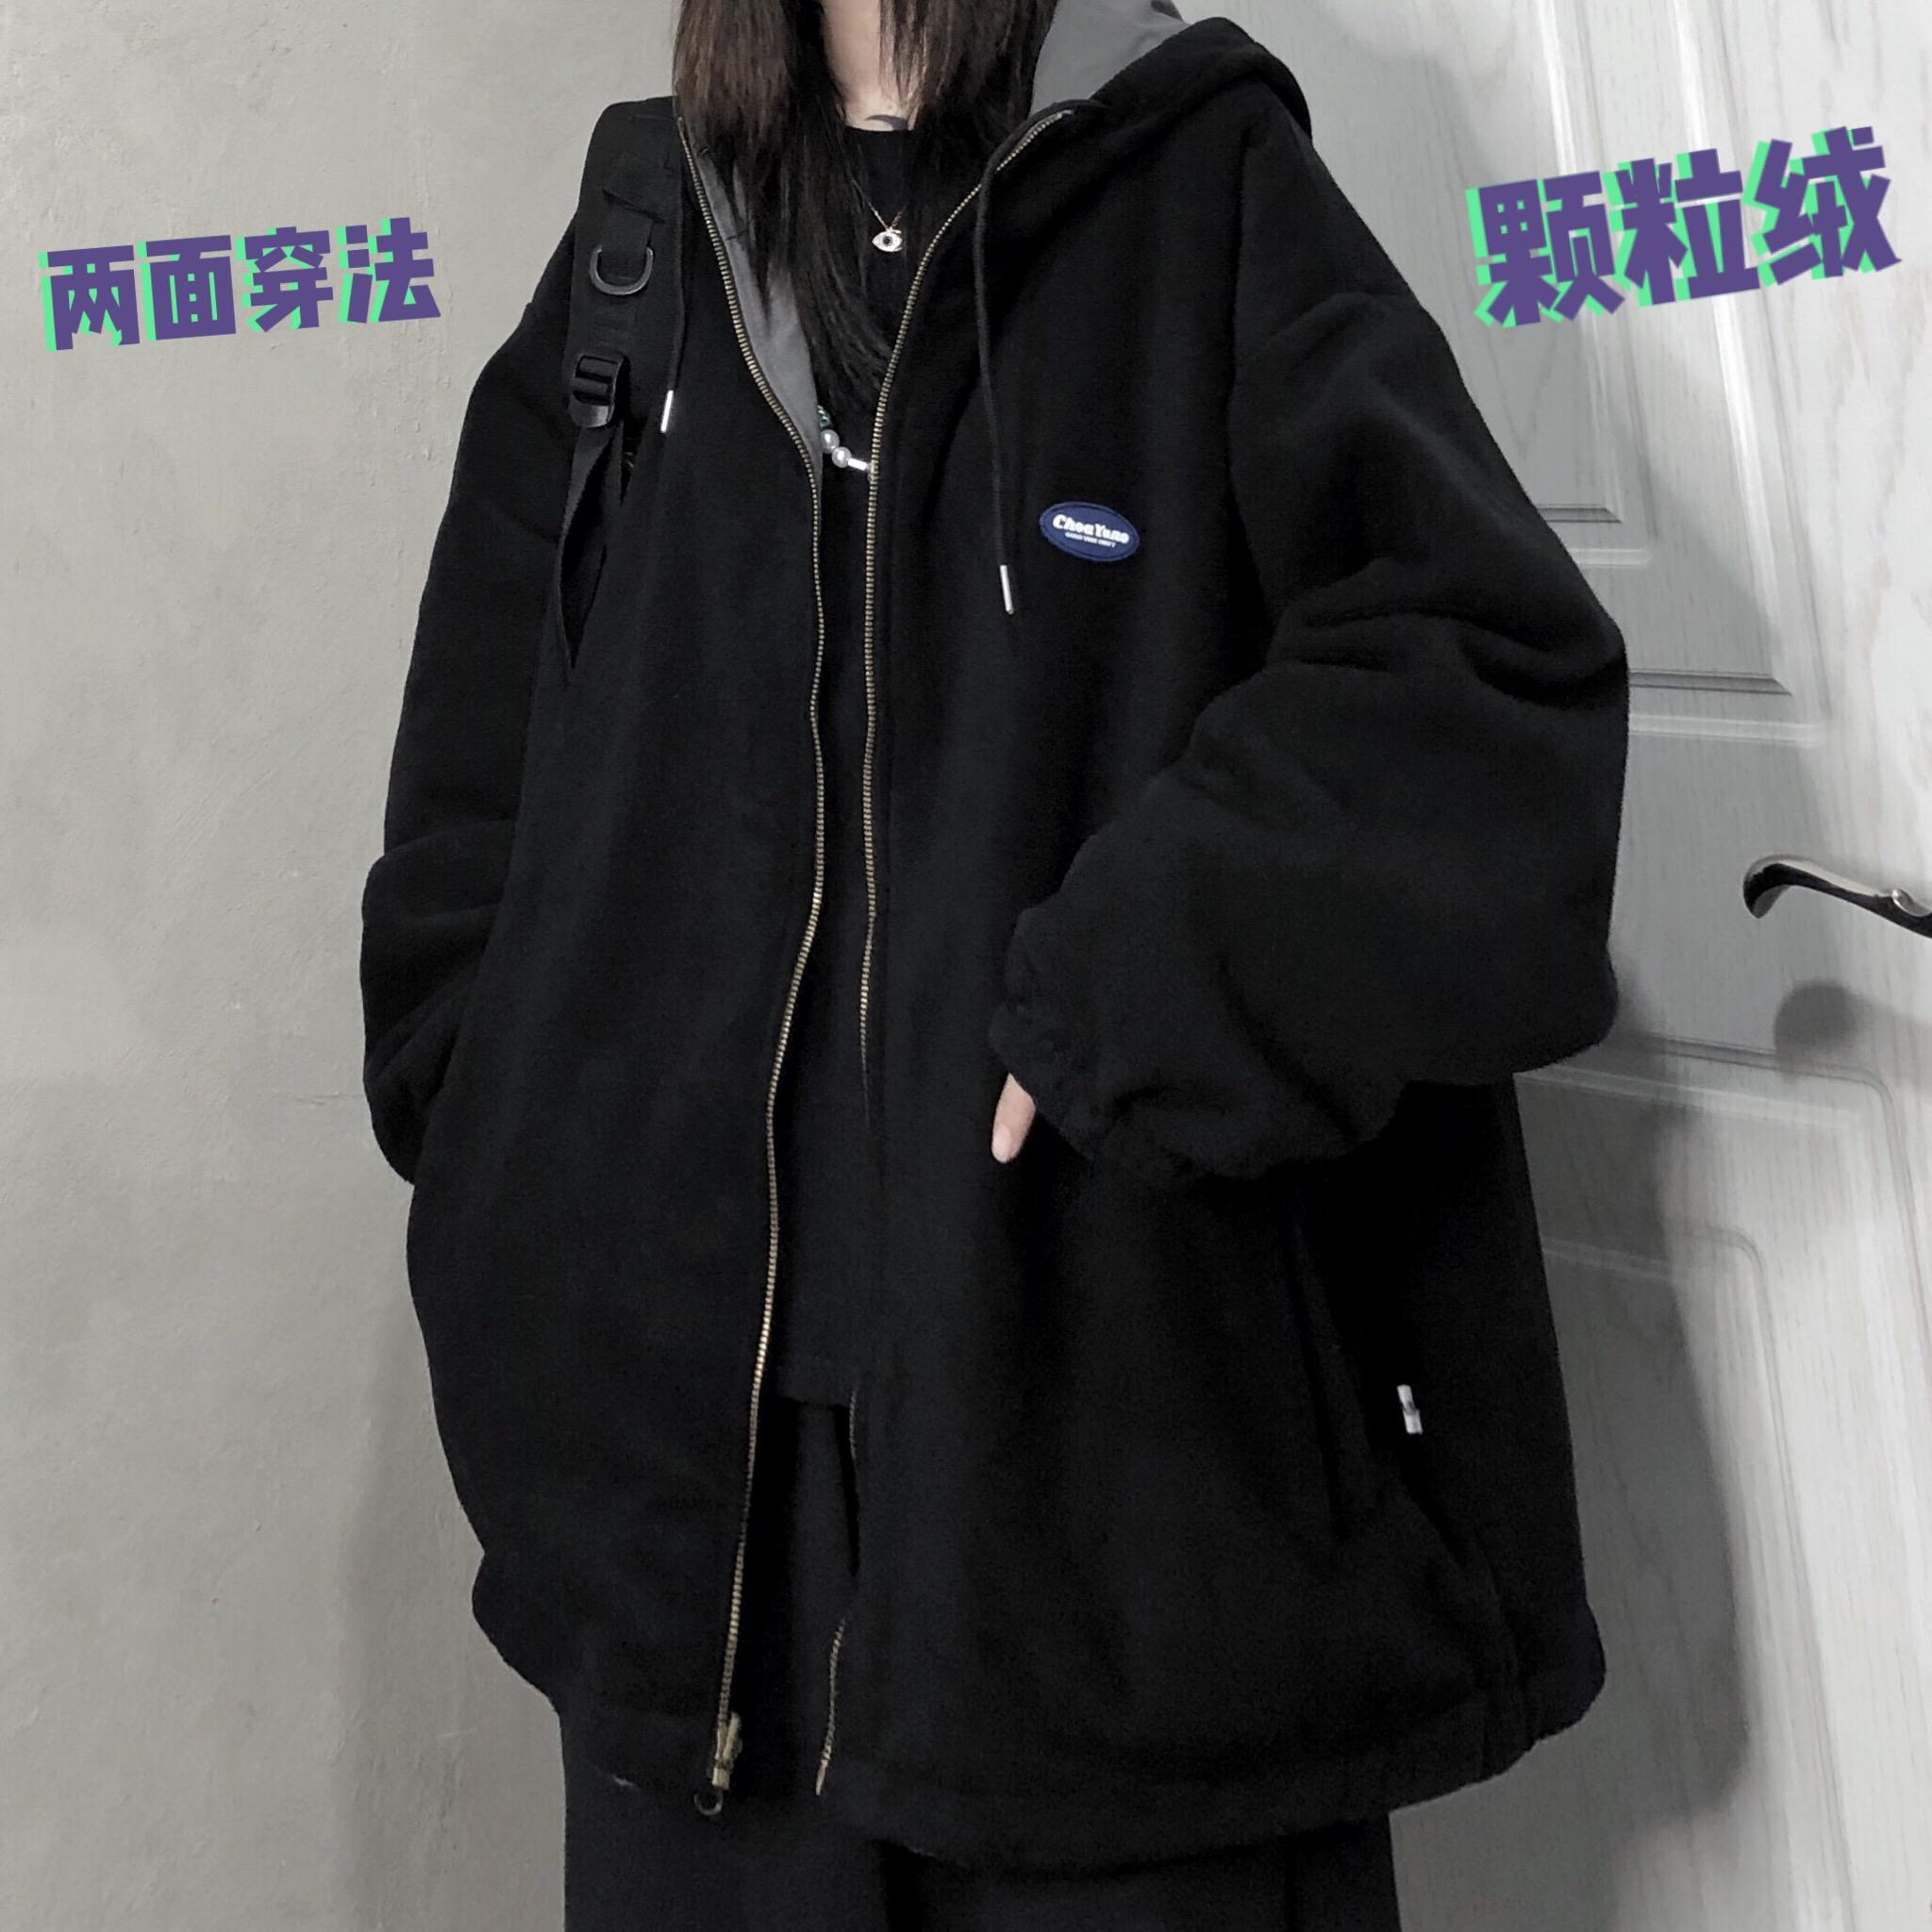 妈个鸡妈 韩国ins冬季新款宽松颗粒绒加厚连帽两面穿棉衣外套男女